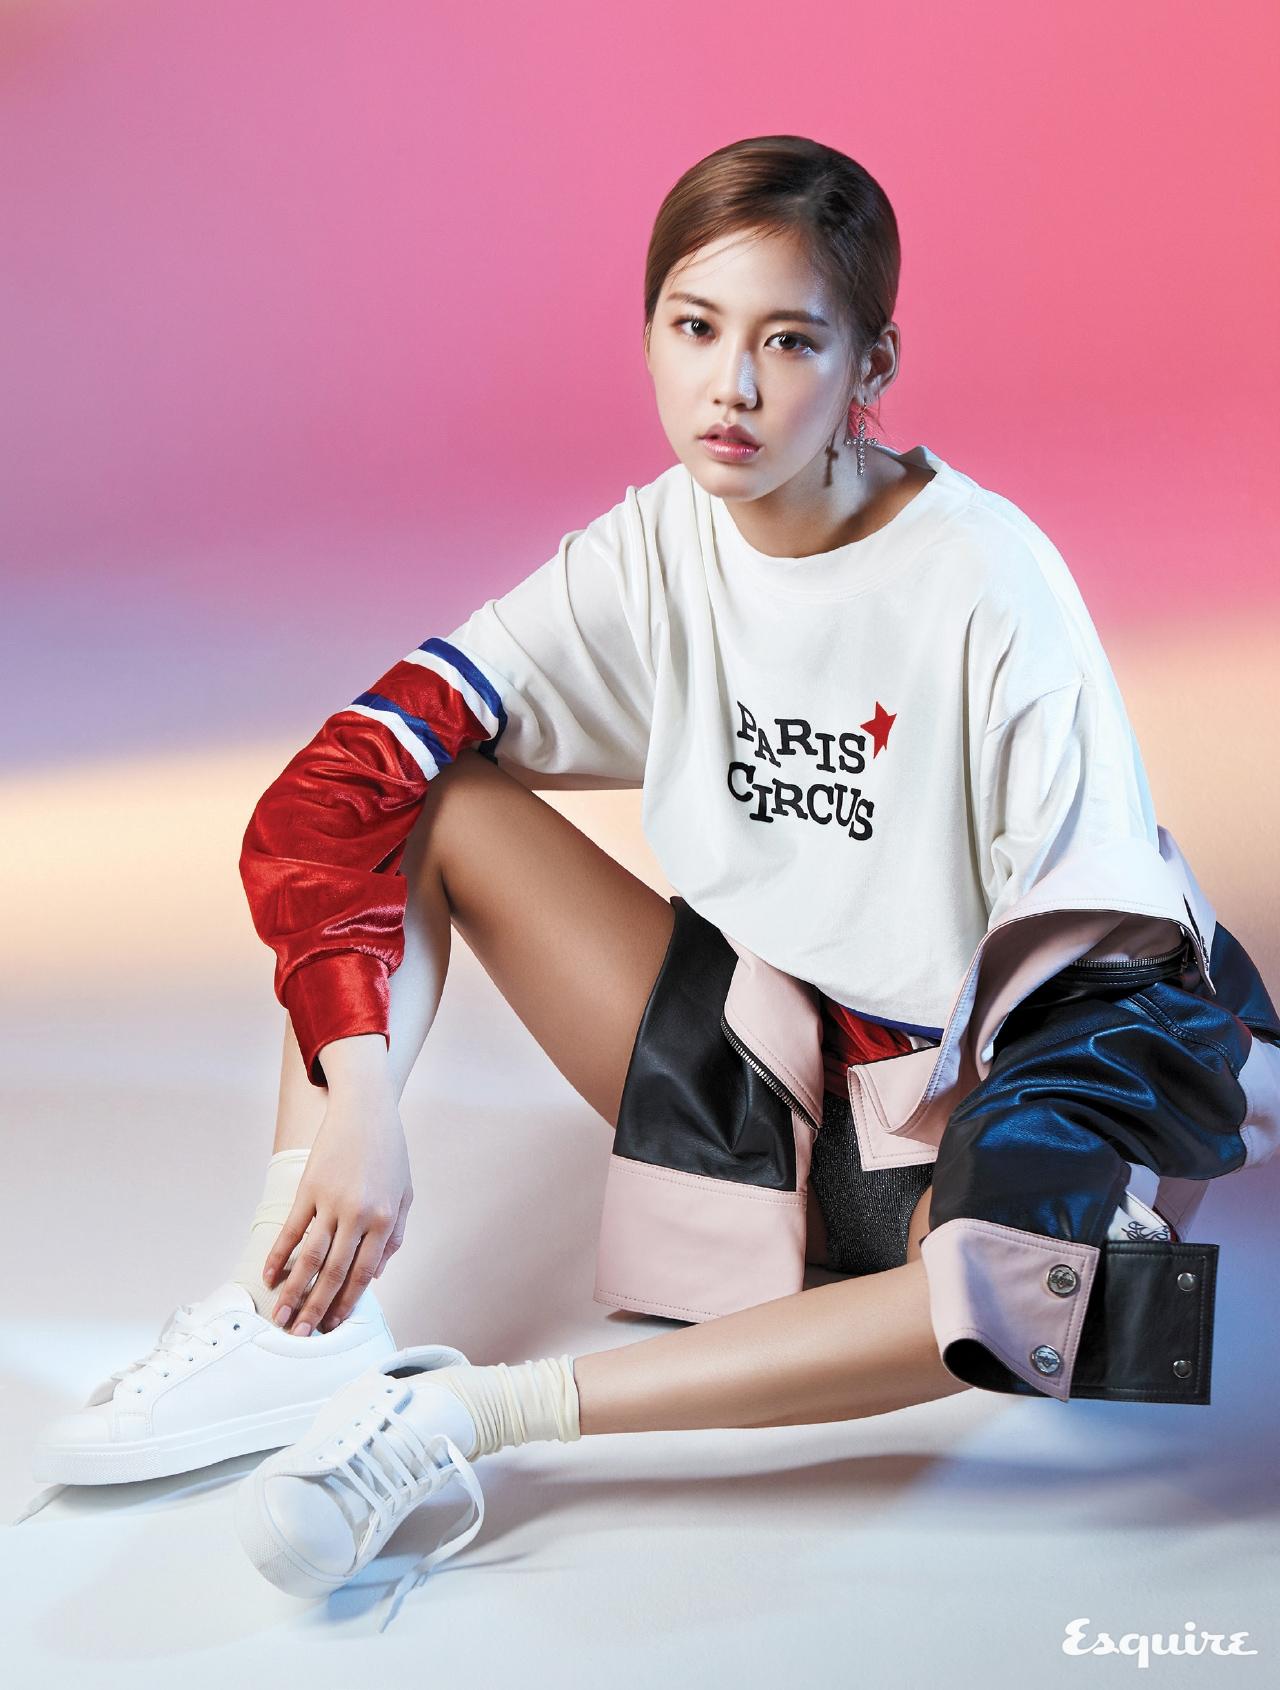 육지담, 2017'S RAISING STAR - 에스콰이어 Esquire Korea 2017년 2월호